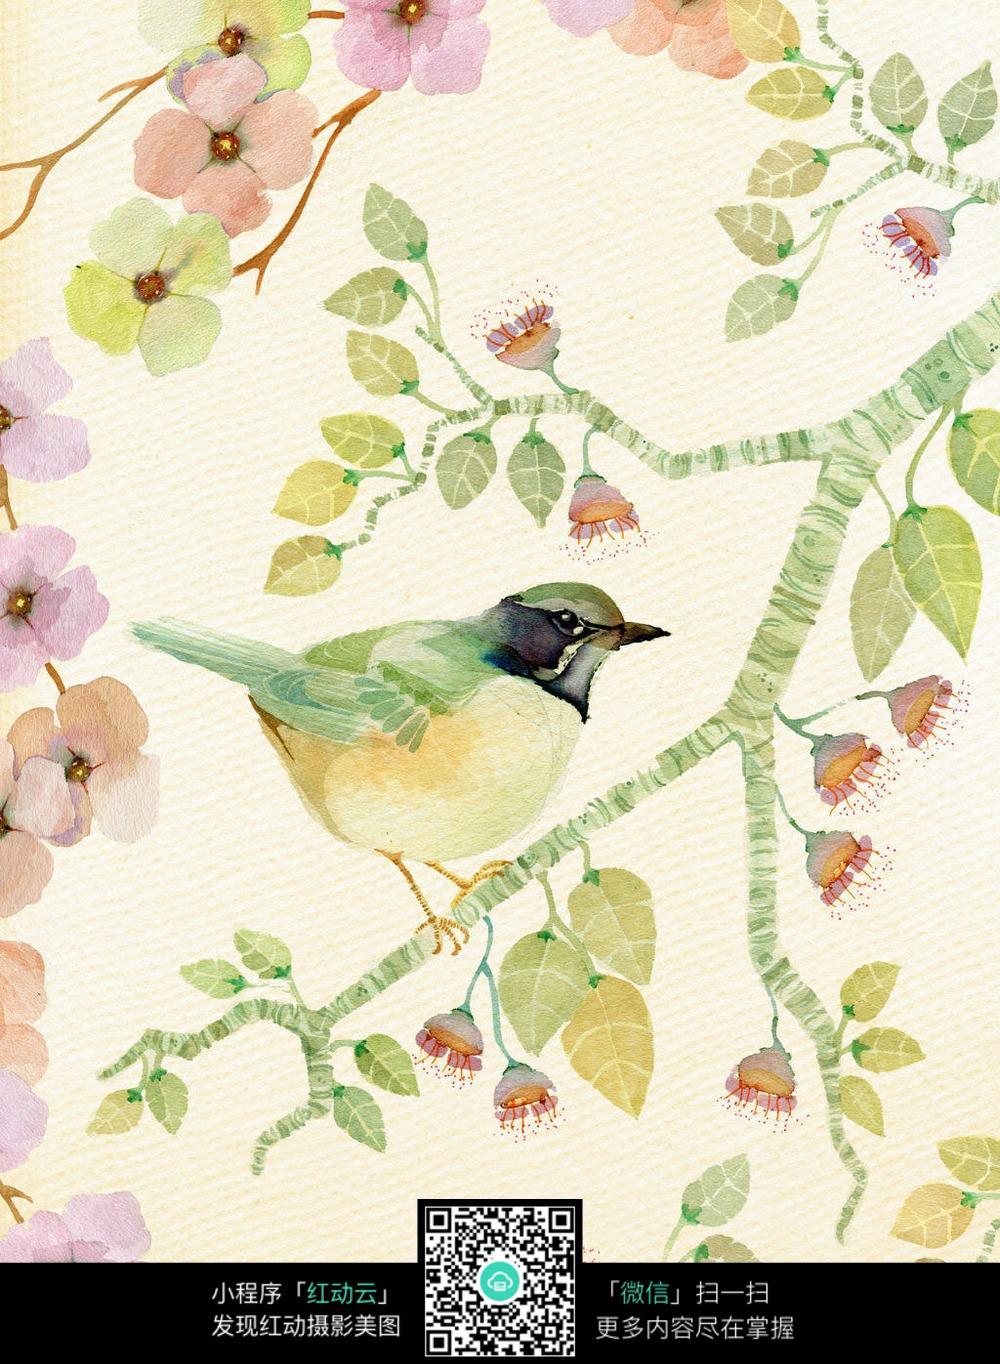 清新小鸟花朵图片素材